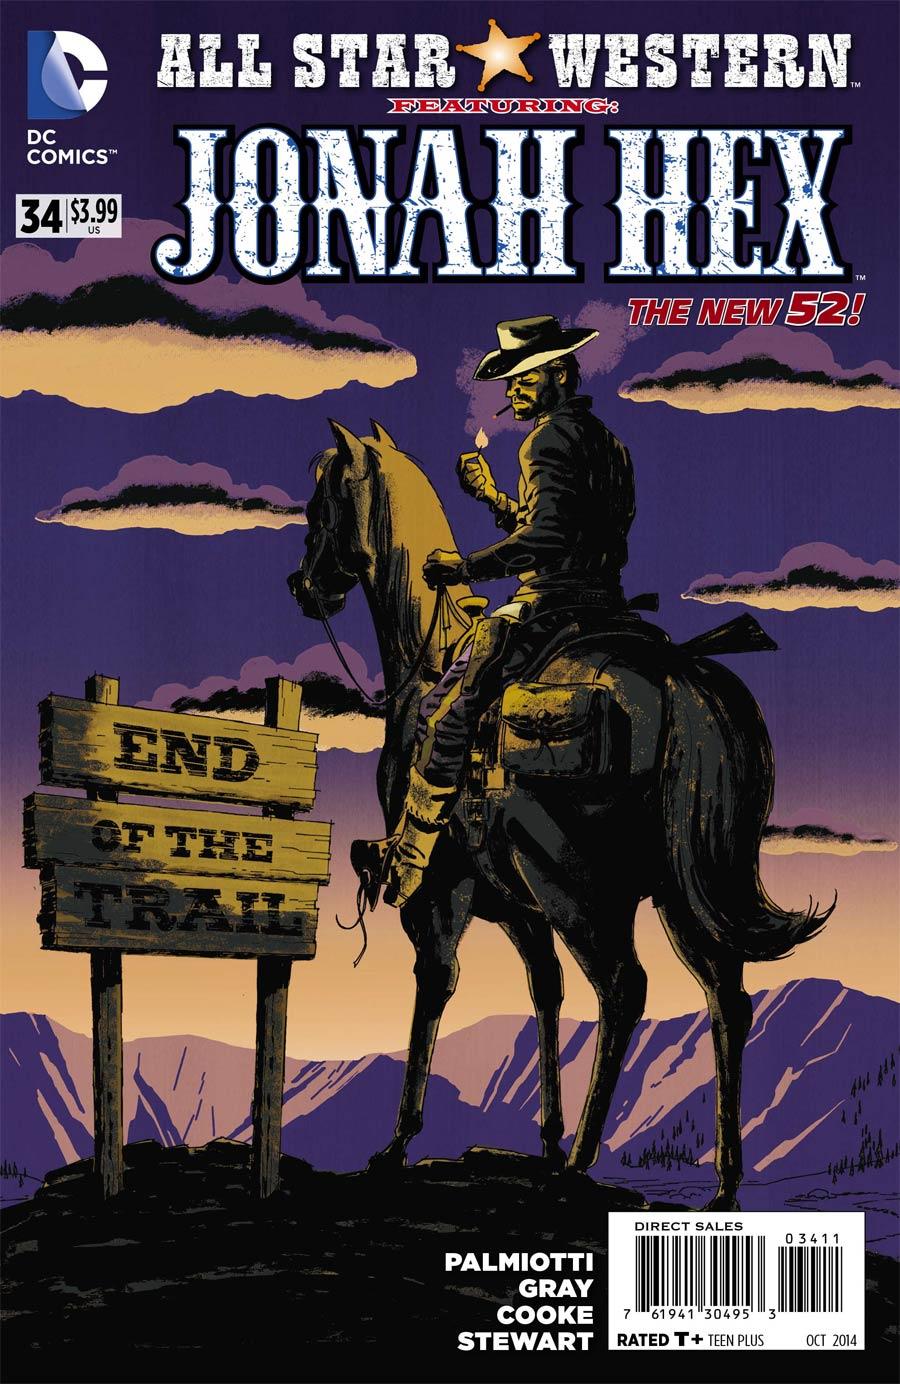 All Star Western Vol 3 #34